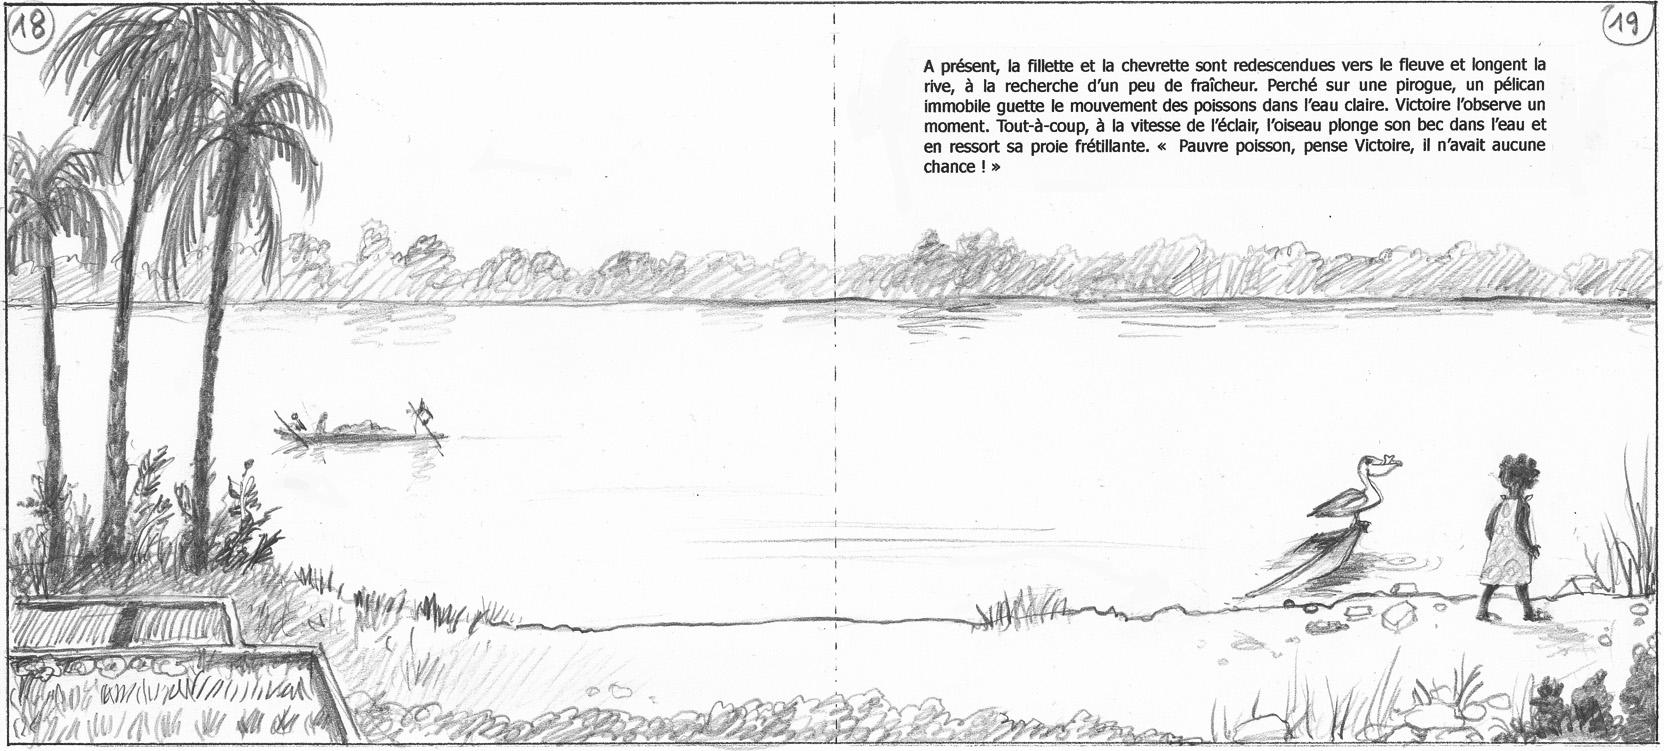 VICTOIRE Maquette p 18 et 19.01